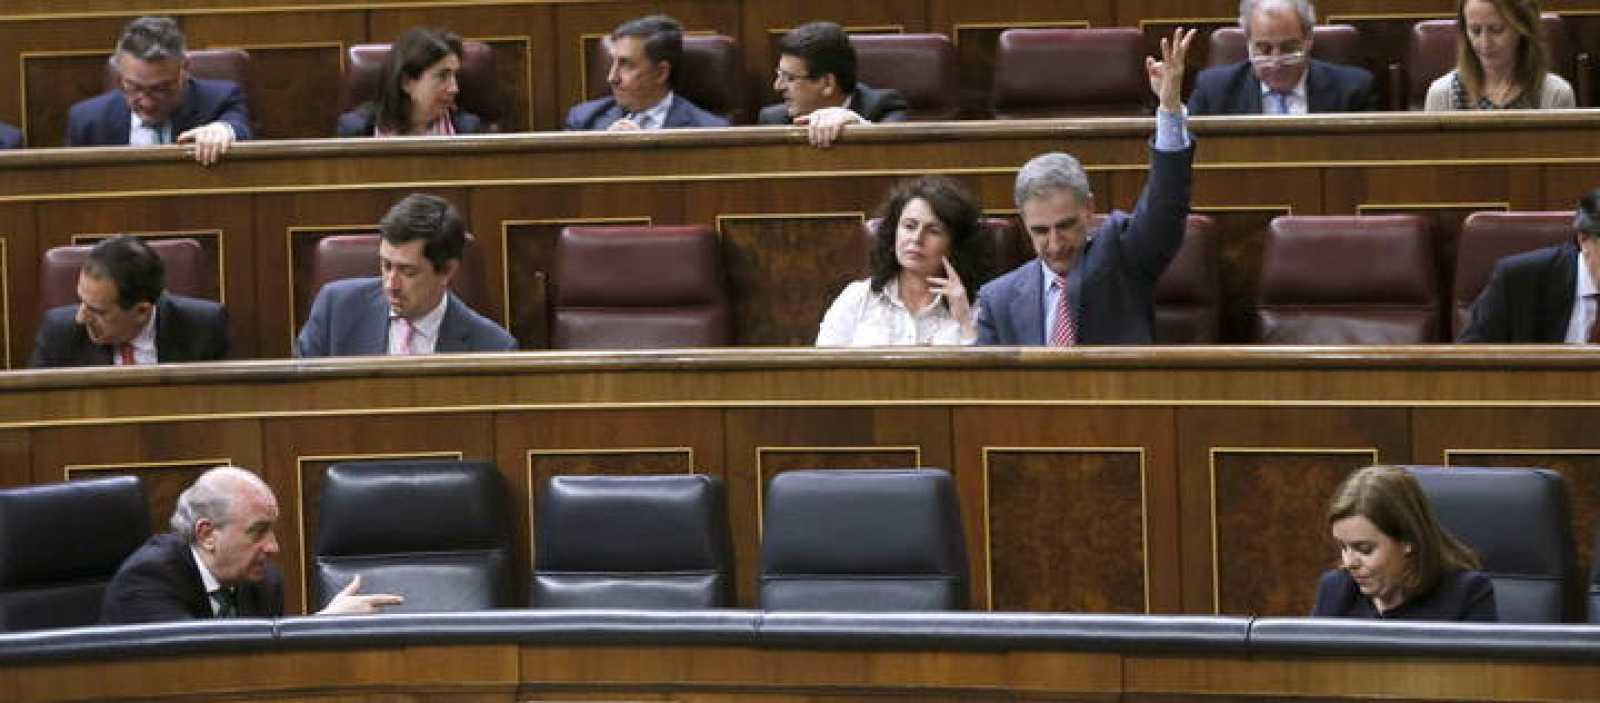 La vicepresidenta del Gobierno, Soraya Sáenz de Santamaría, conversa con el ministro del Interior, Jorge Fernández Díaz, durante el pleno del Congreso